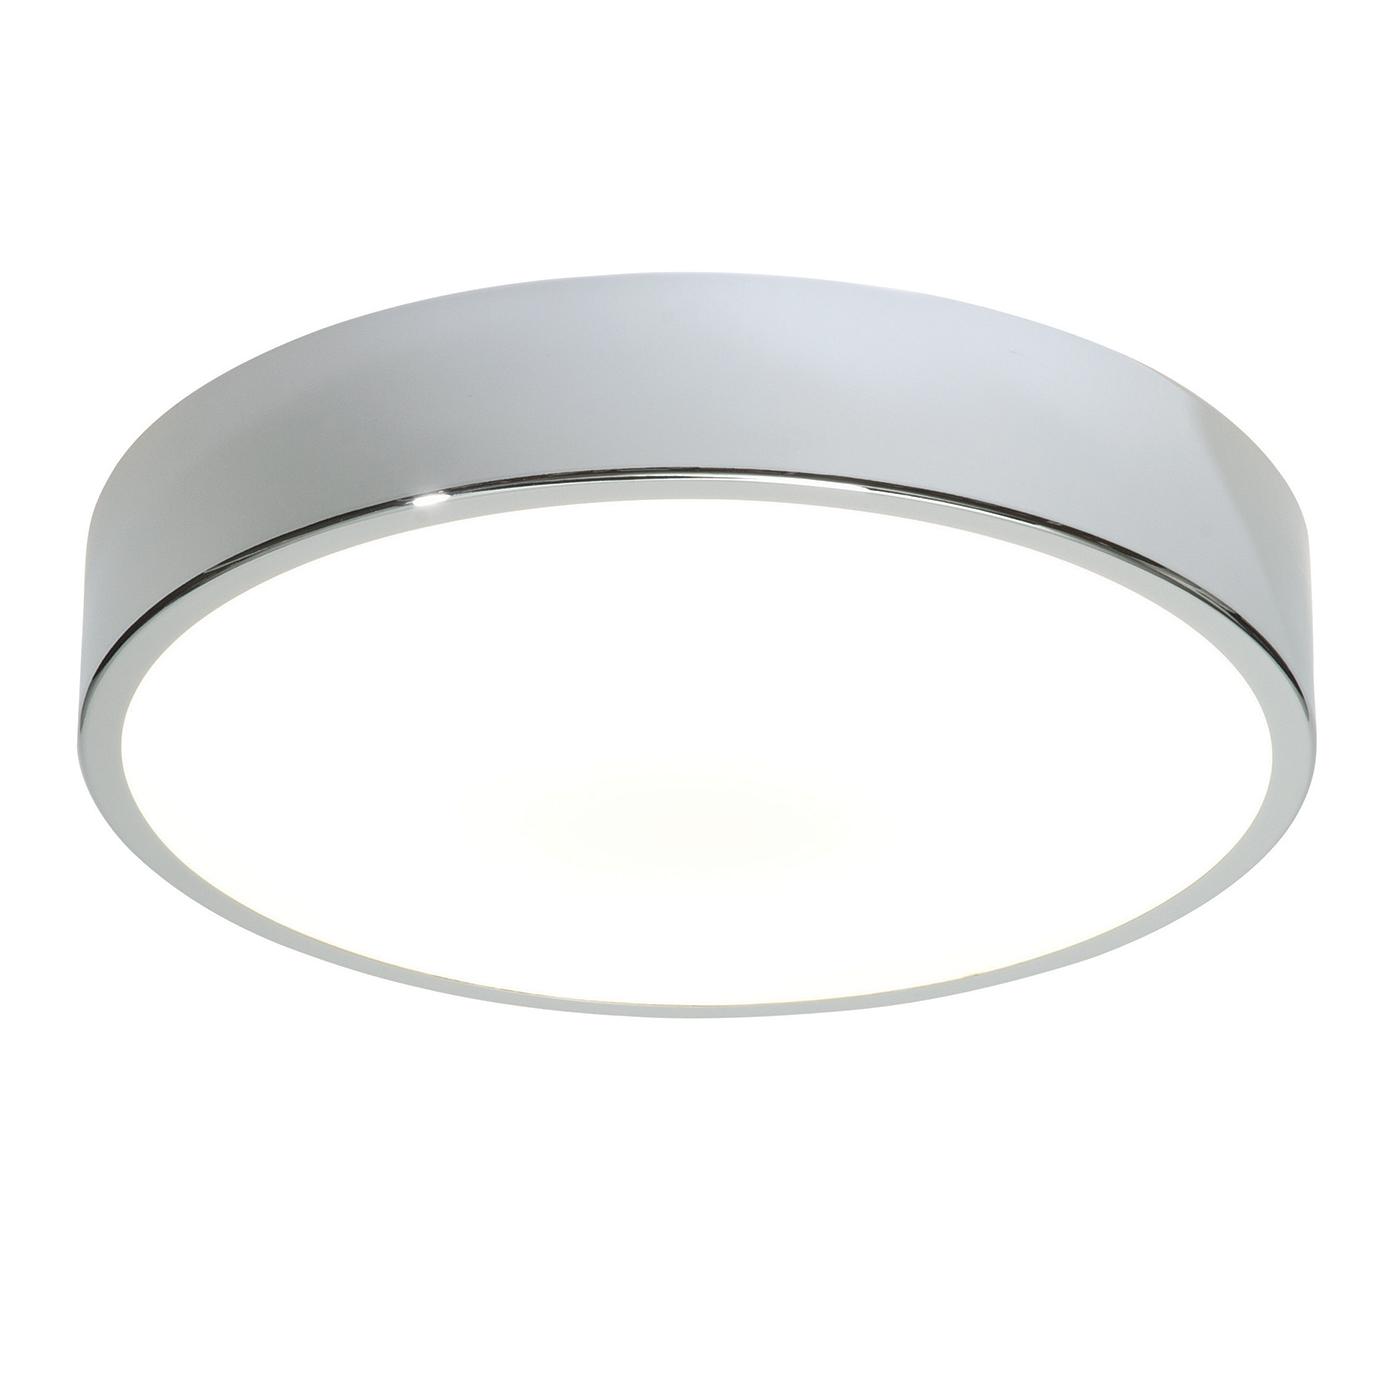 Endon 28506 Ceiling Light GR10q 2D 28W